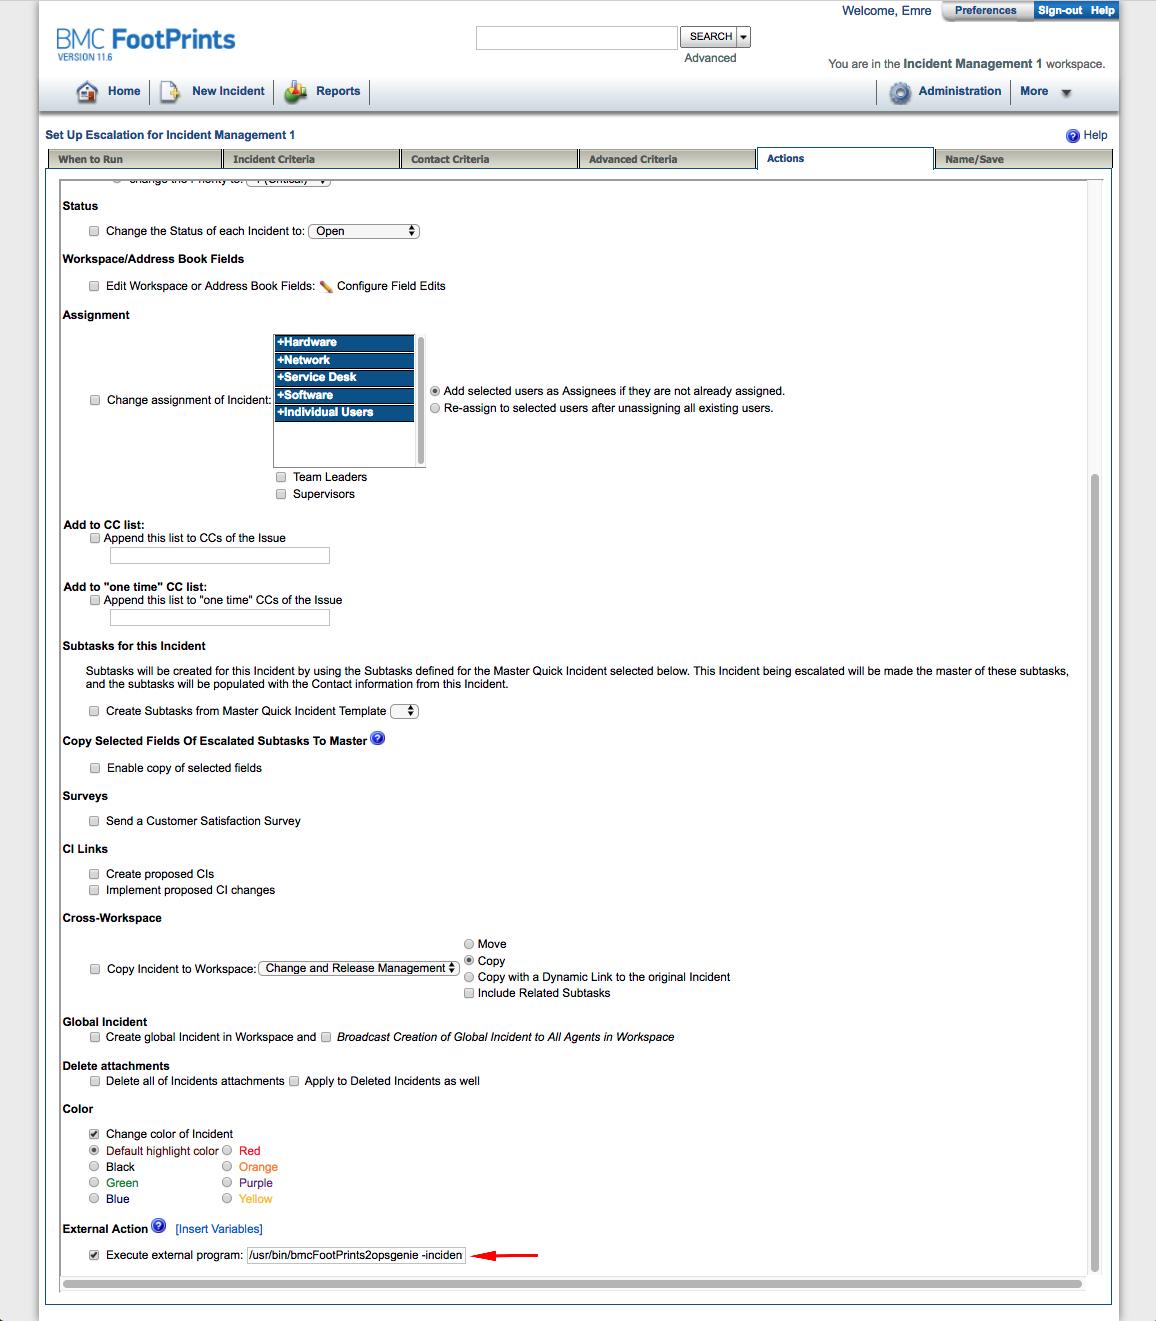 BMC FootPrints v11 Integration